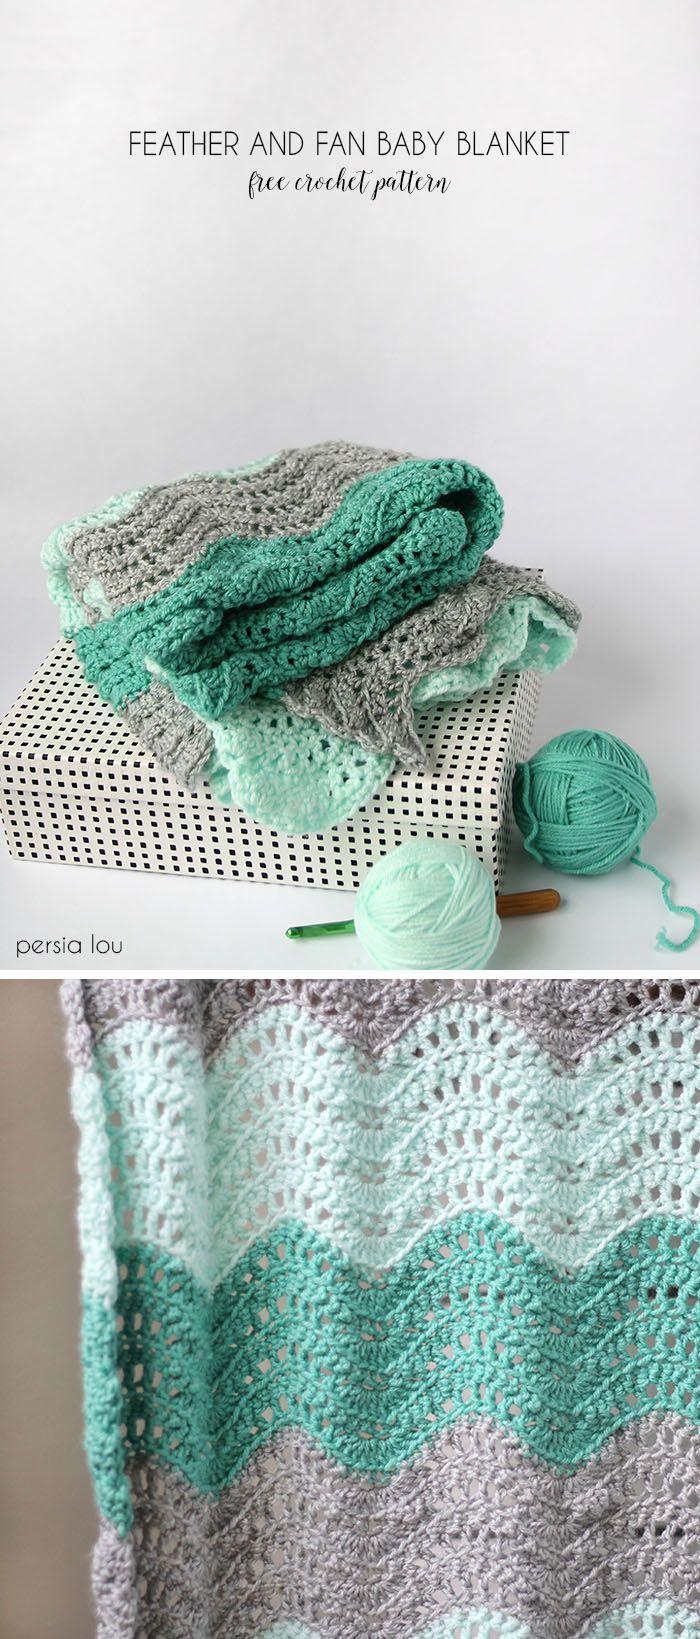 Crochet Feather And Fan Baby Blanket Free Pattern Moogly